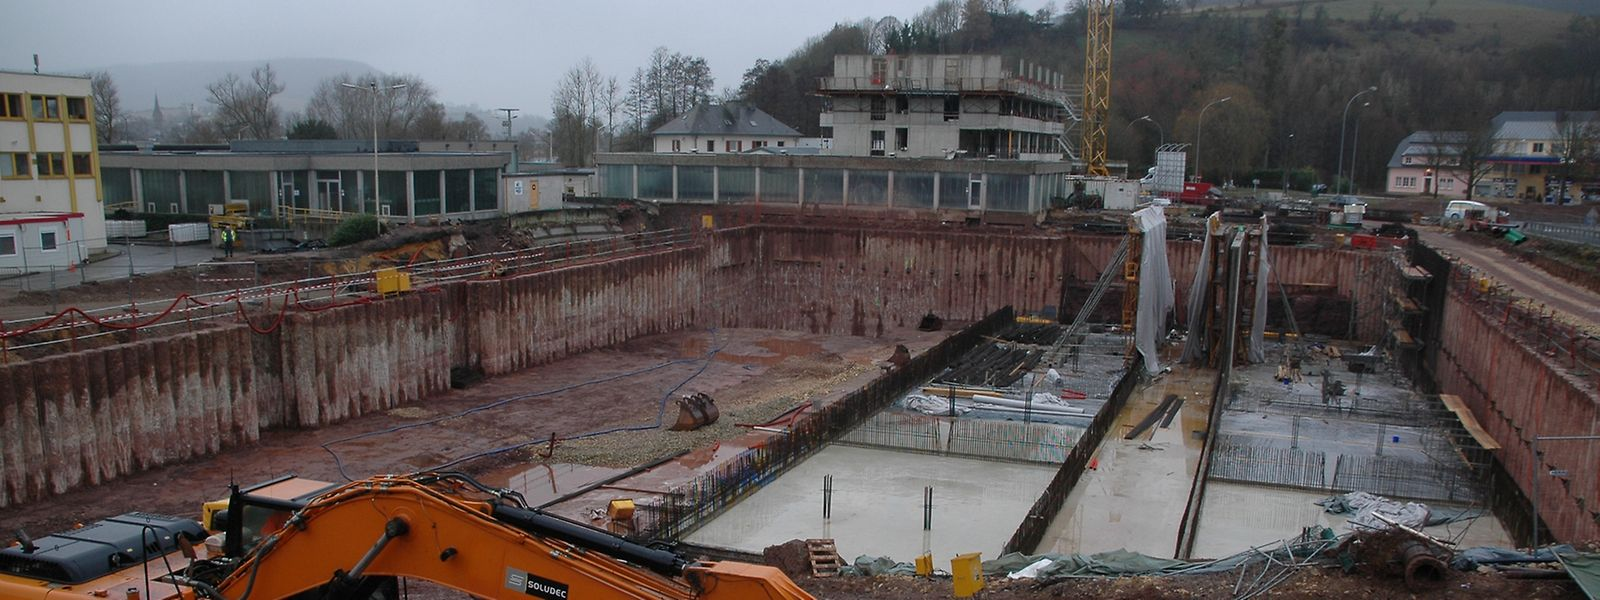 Die Modernisierungsarbeiten an der Kläranlage Bleesbrück liegen zurzeit leicht im Vorsprung gegenüber dem ursprünglichen Zeitplan.